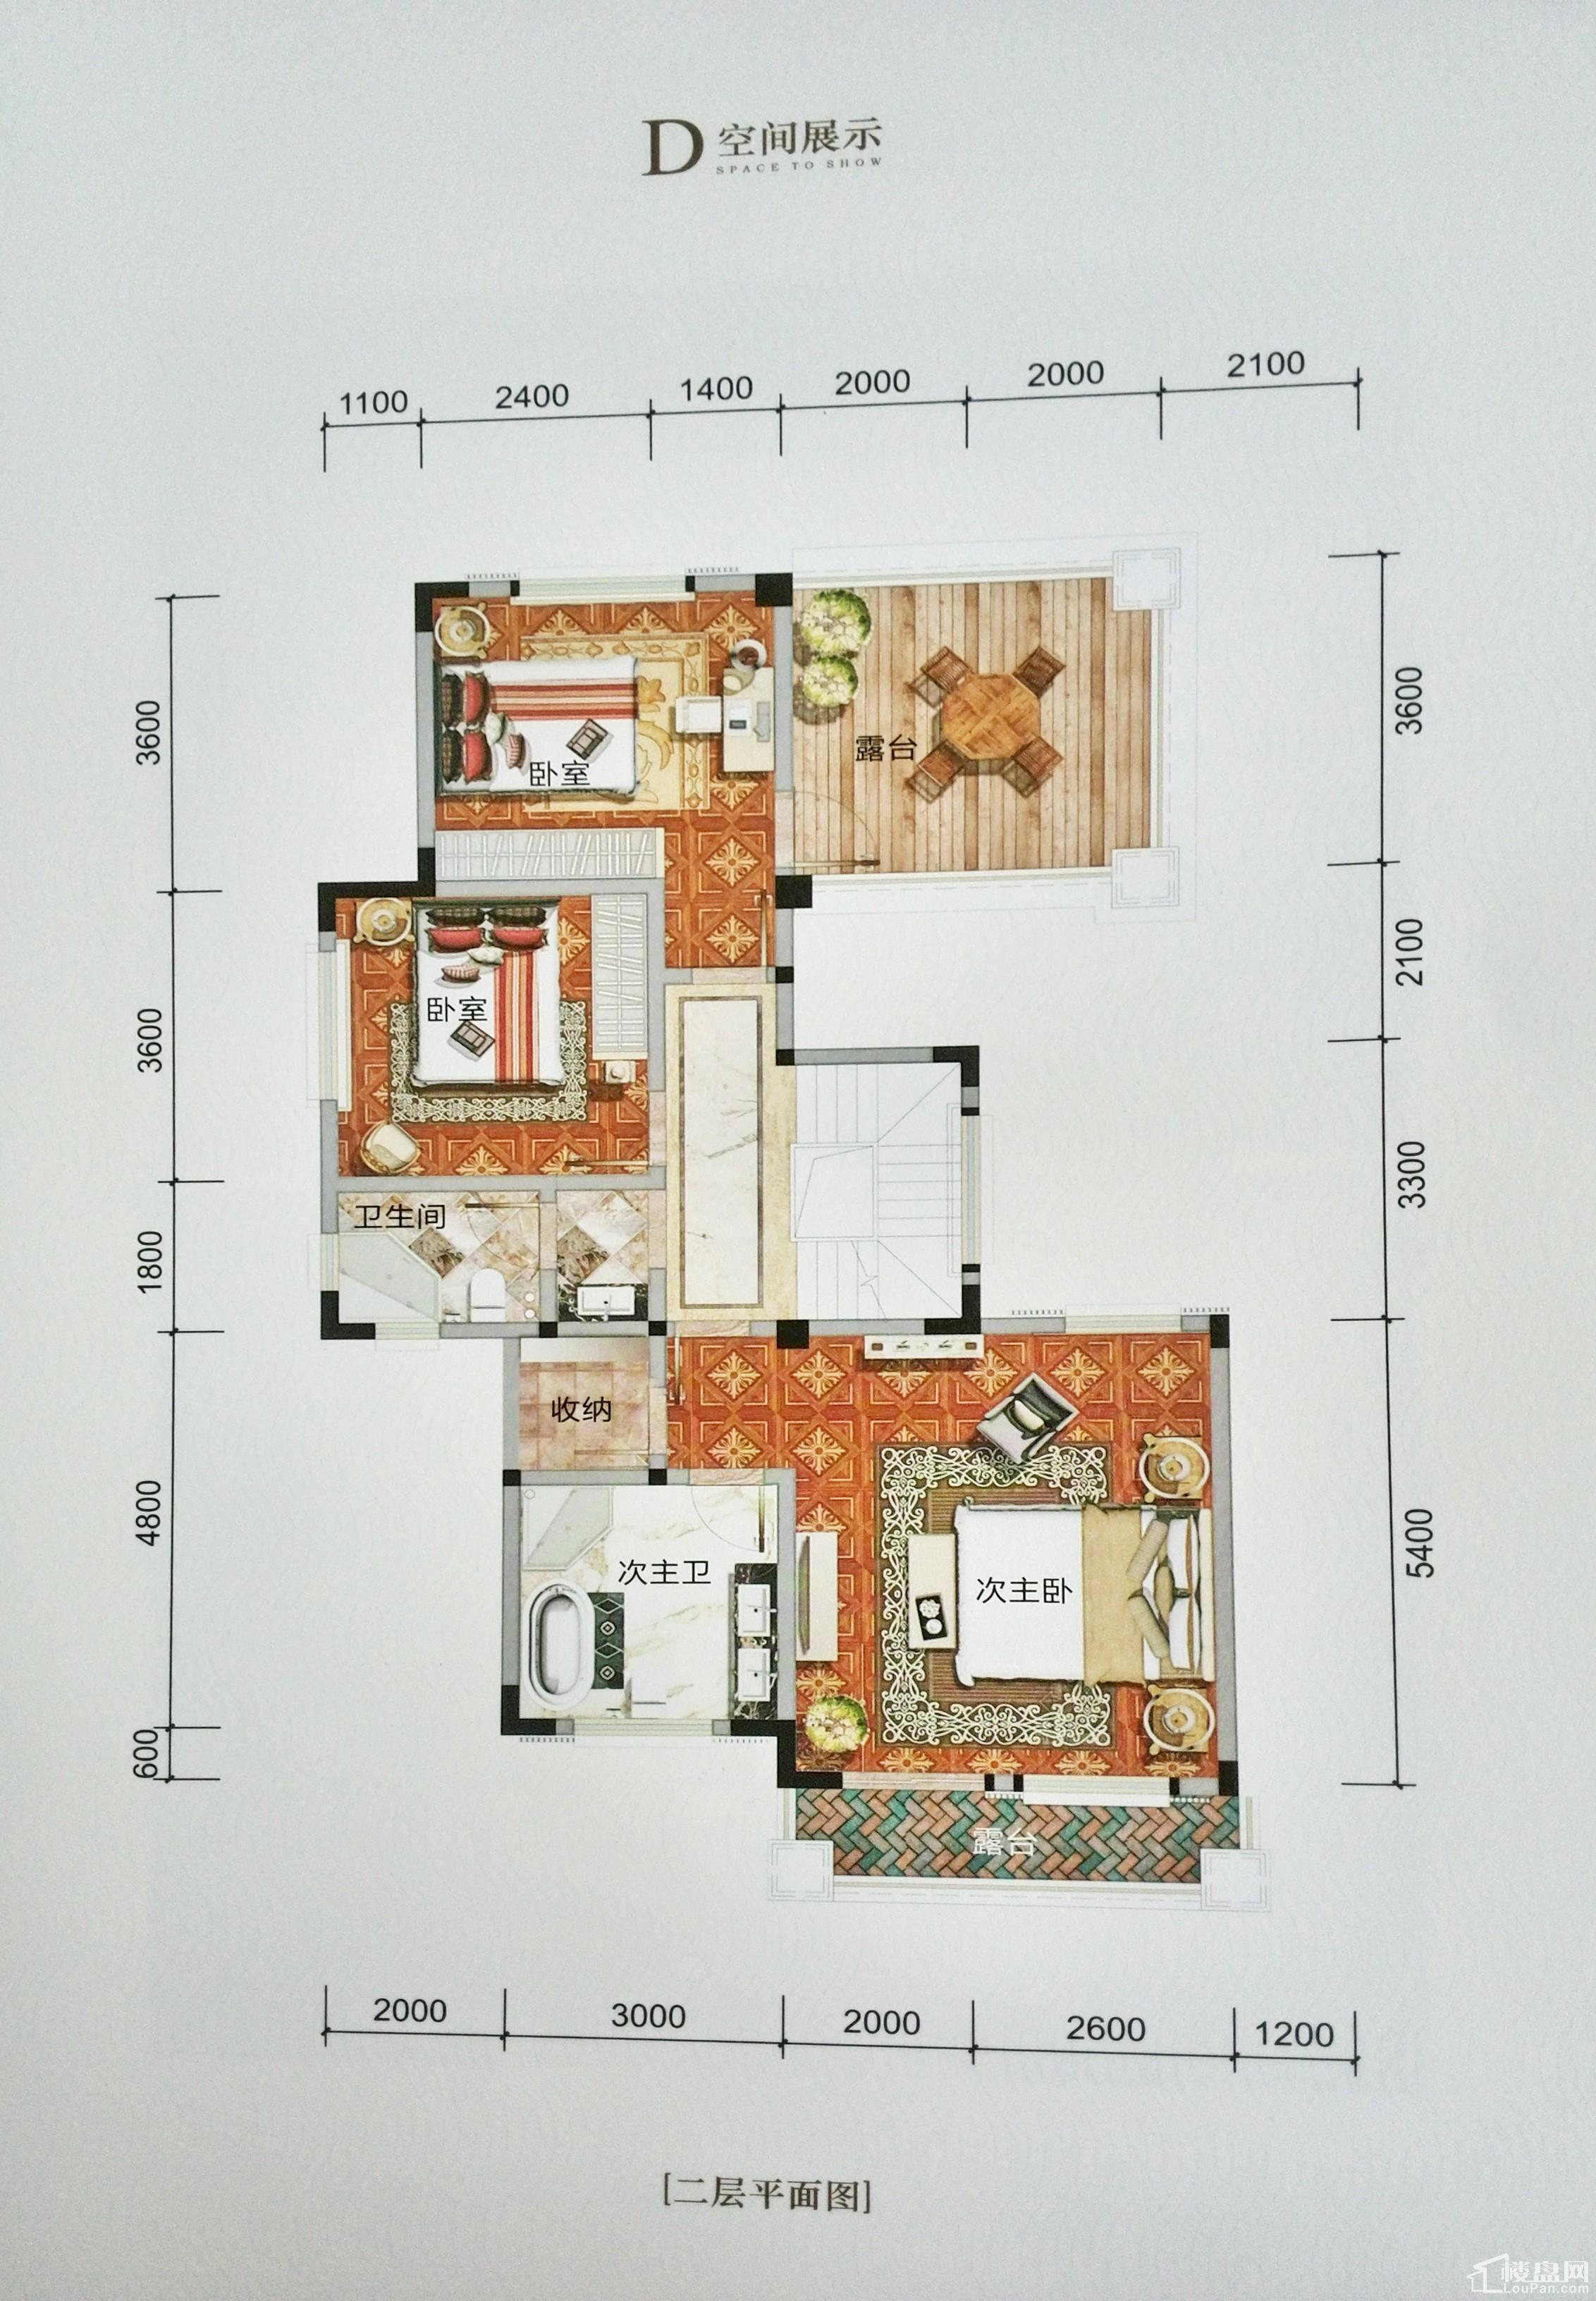 英郦庄园桥郡D2层户型图